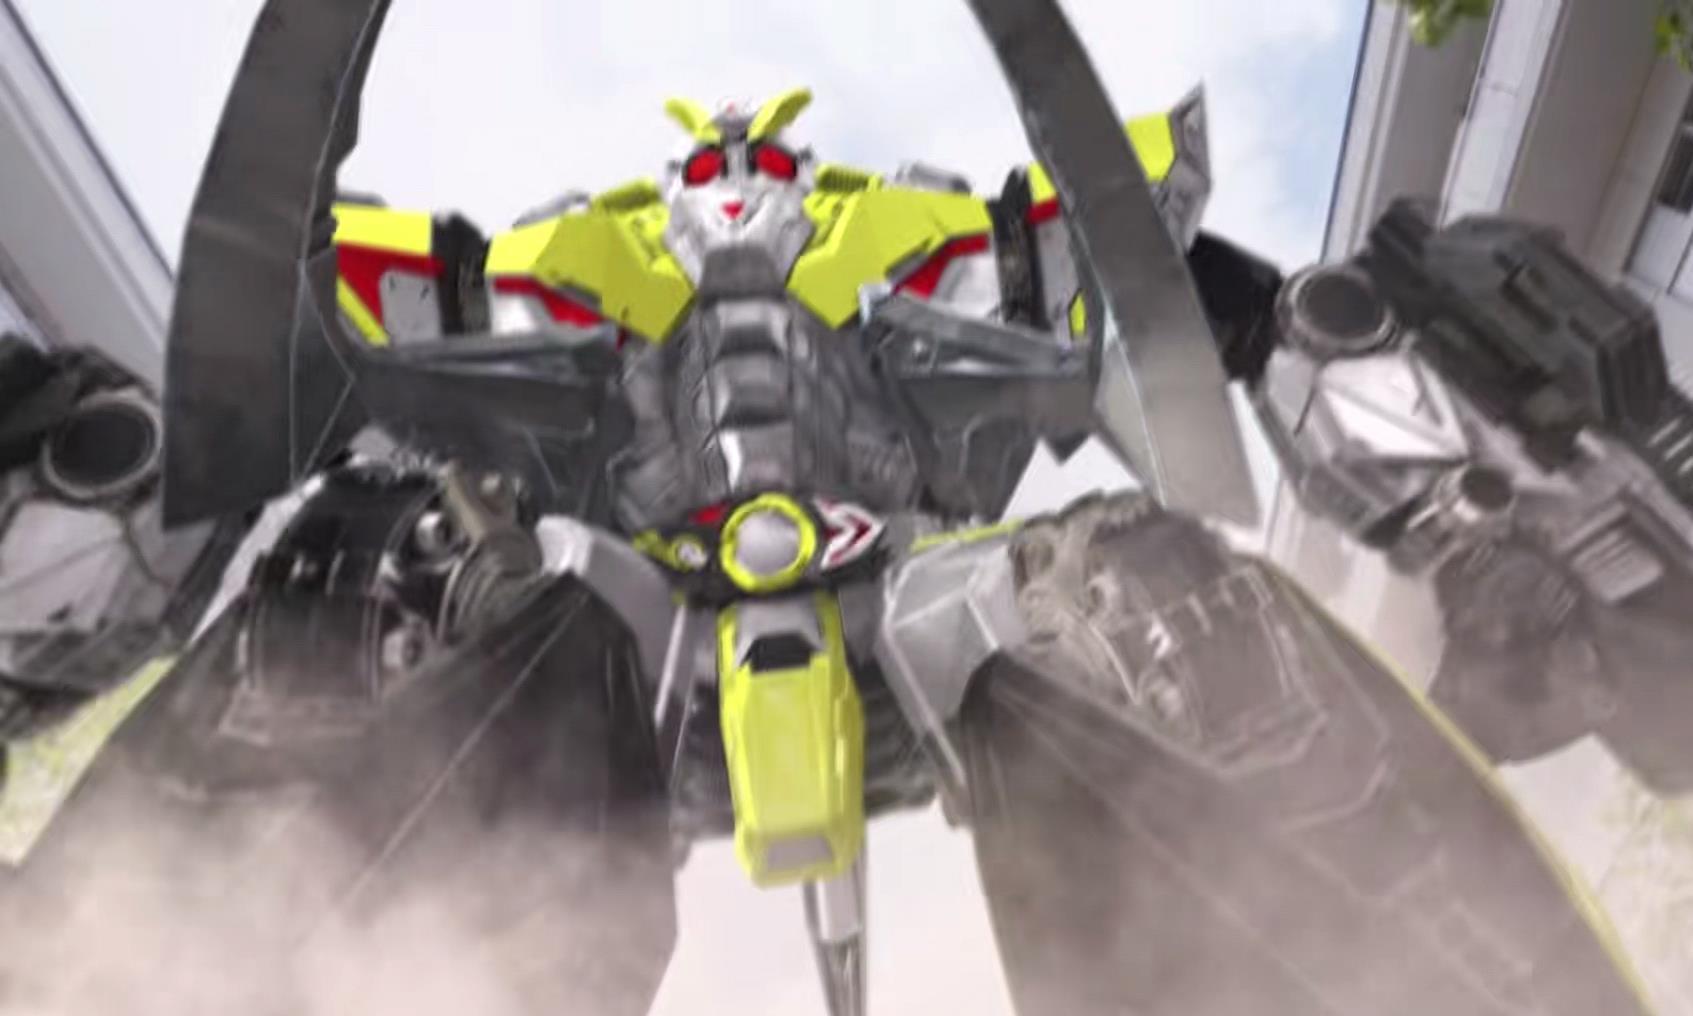 假面骑士零一:泽亚打造闪耀蝗虫升程密钥,零一可能打败灭